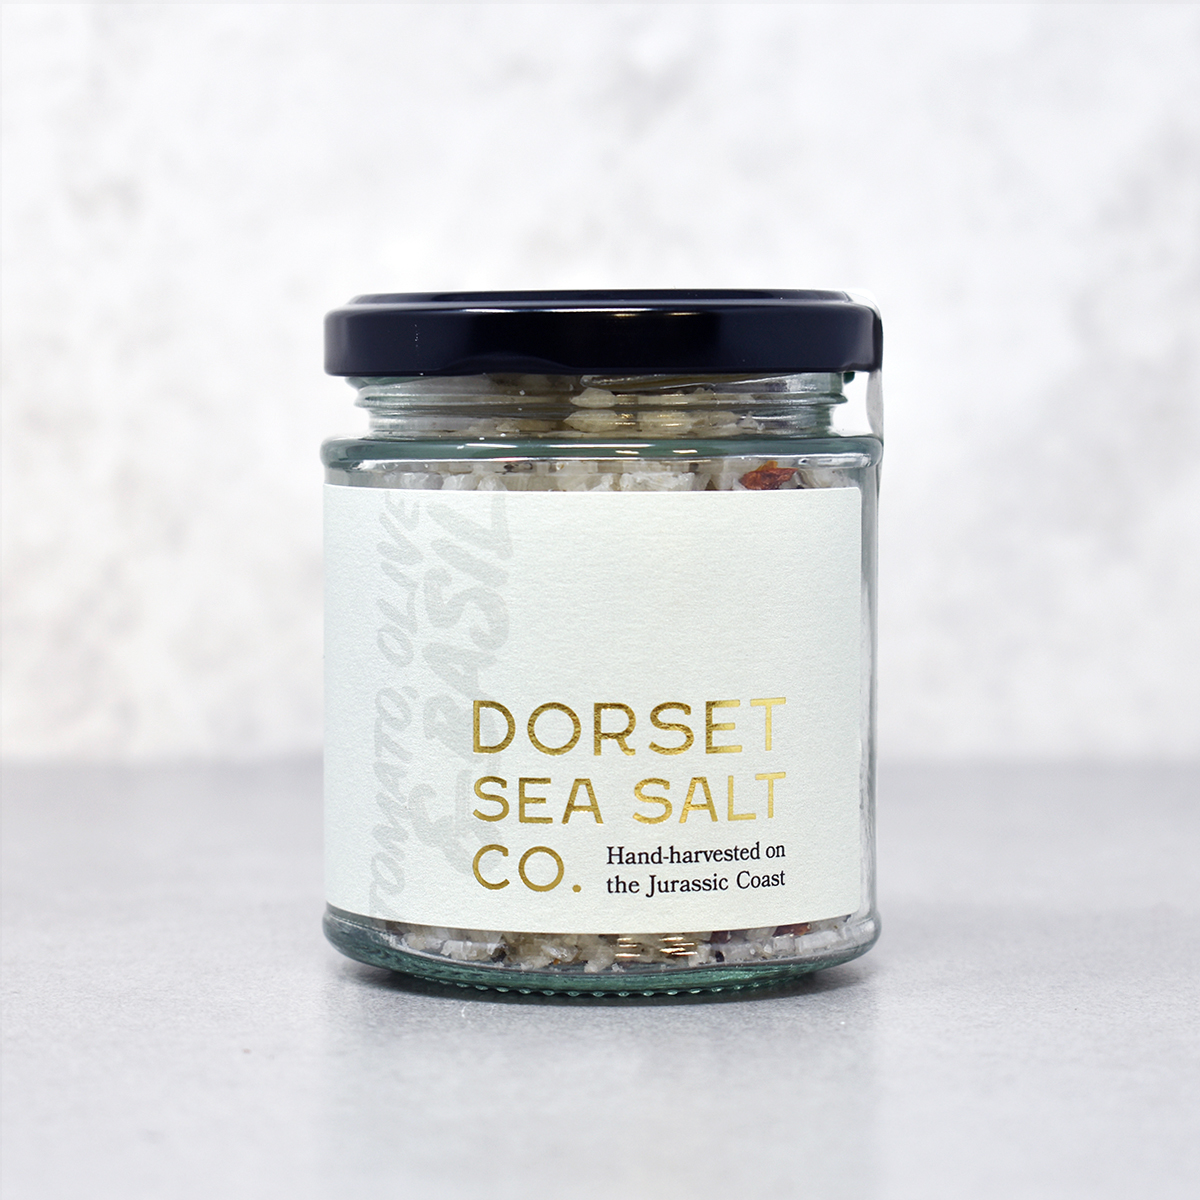 Dorset Sea Salt Co - Tomato Olive and Basil Infused Sea Salt Flakes 125g